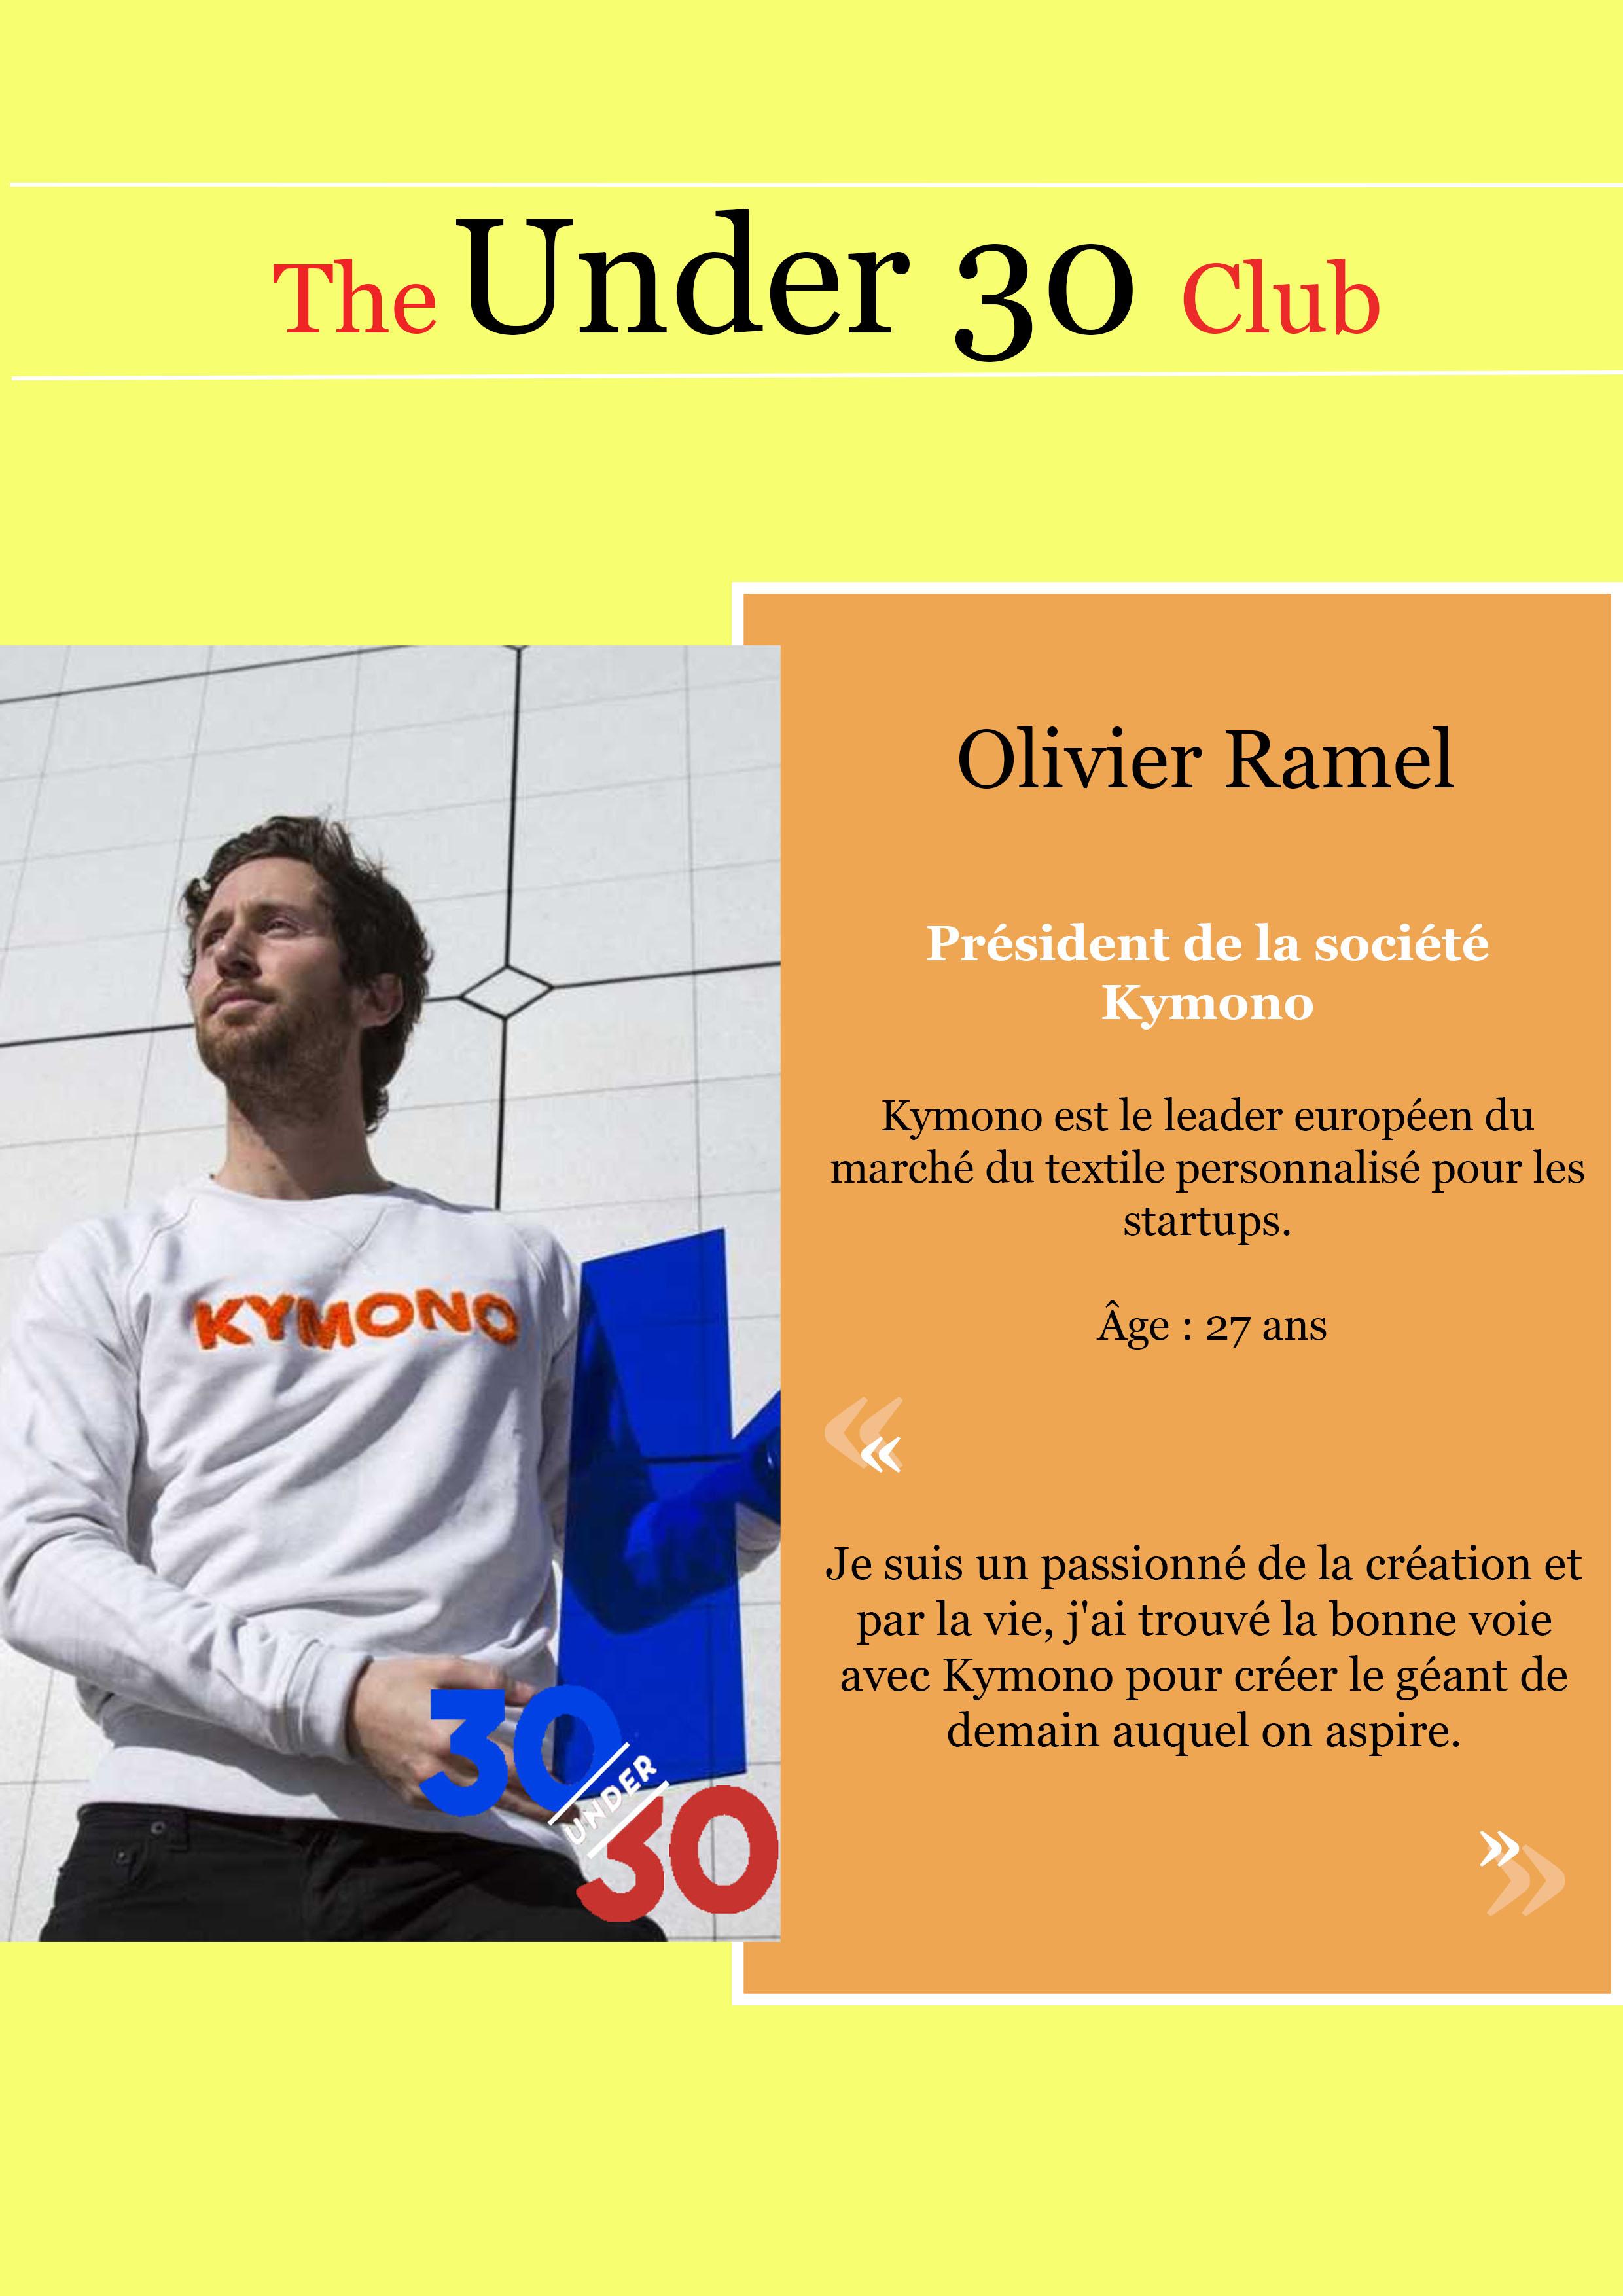 Olivier Ramel